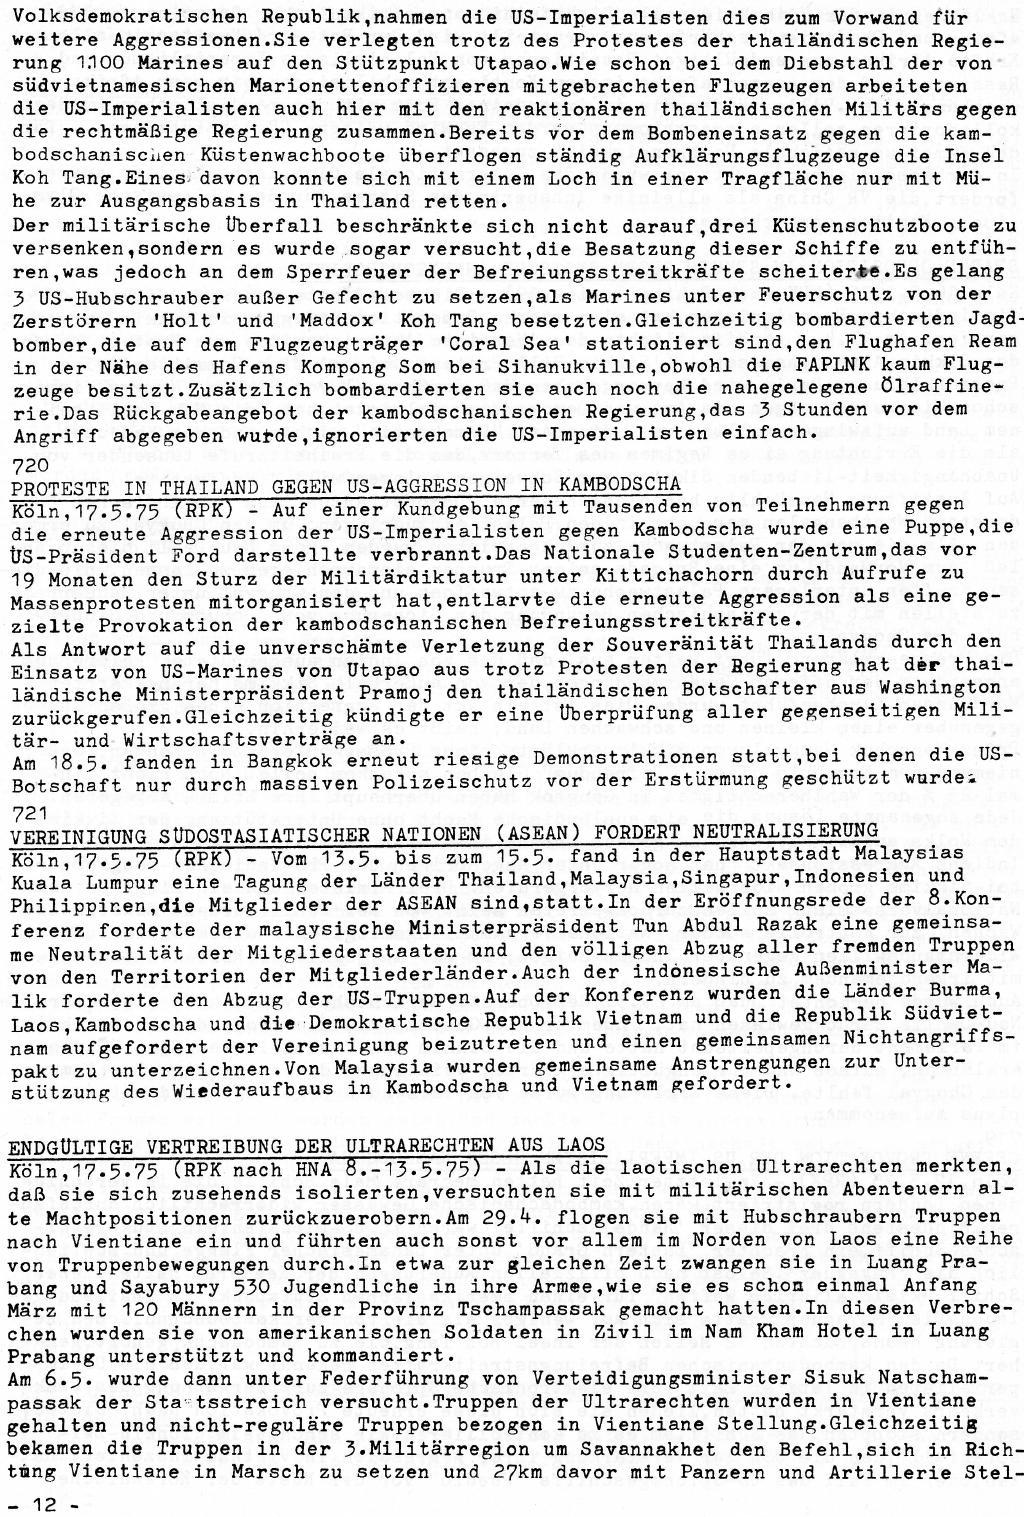 RPK_Pressedienst_1975_26_12